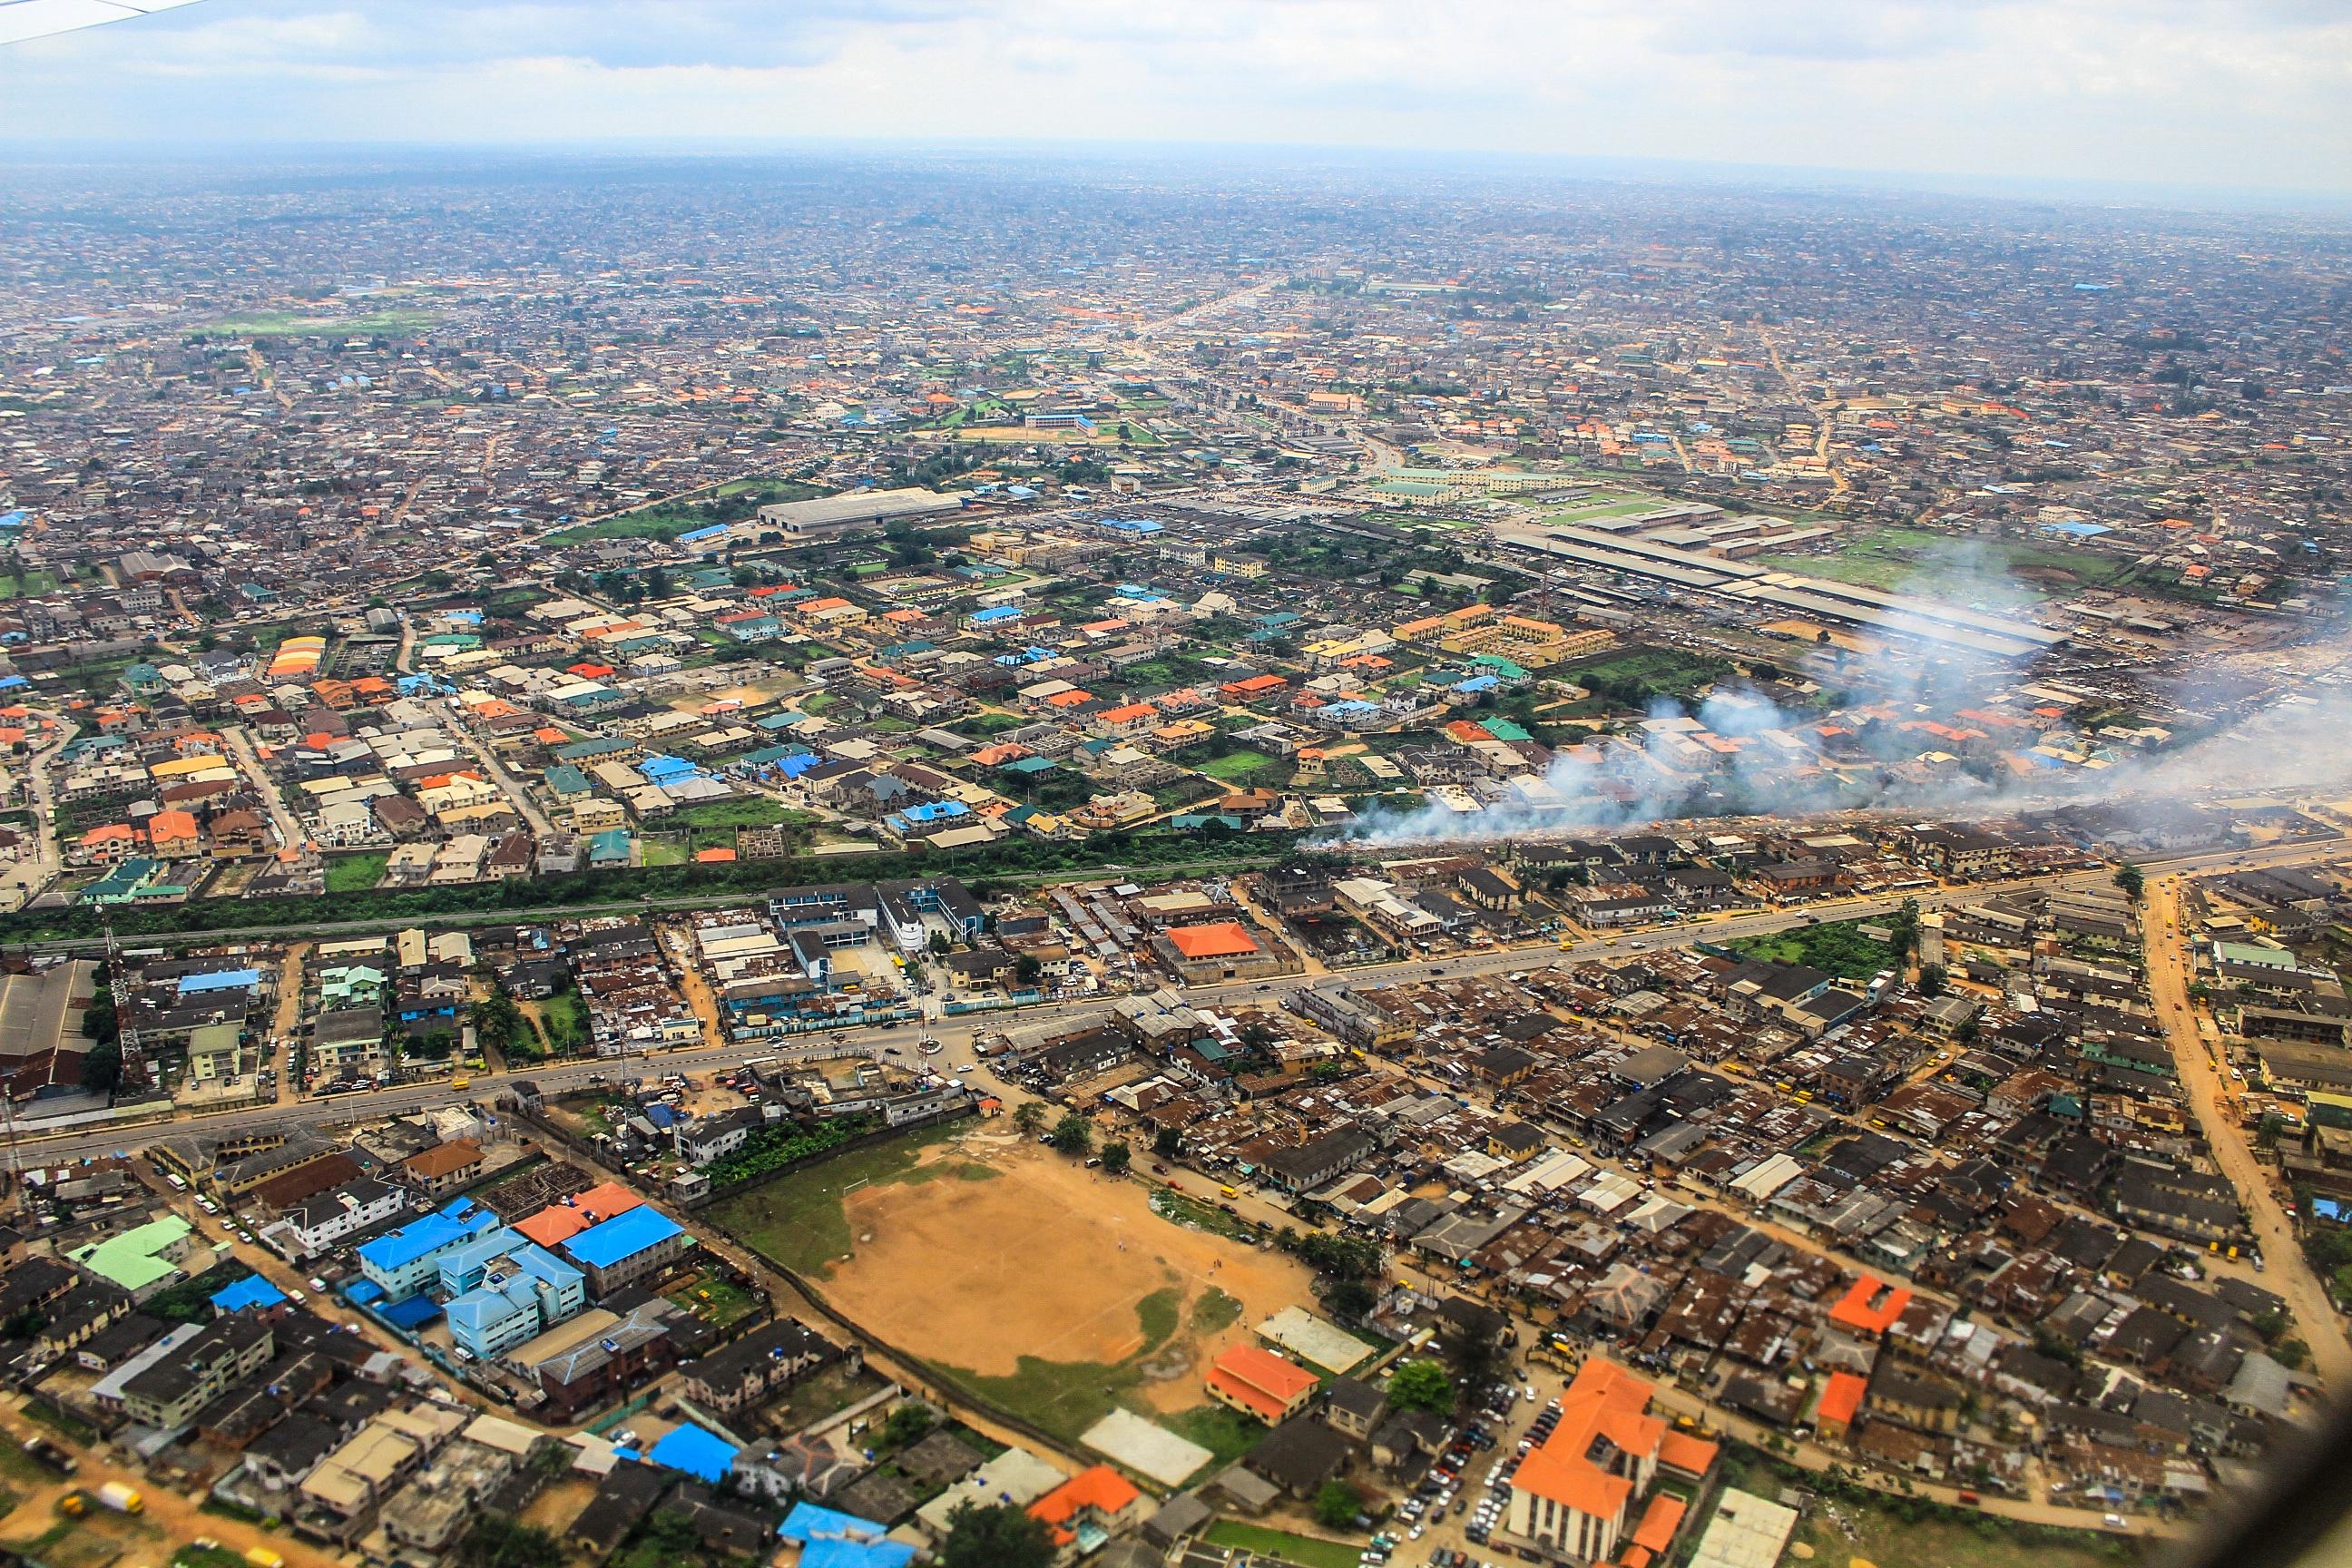 Aerial-View-of-Lagos,-Nigeria-470430306_2592x1728